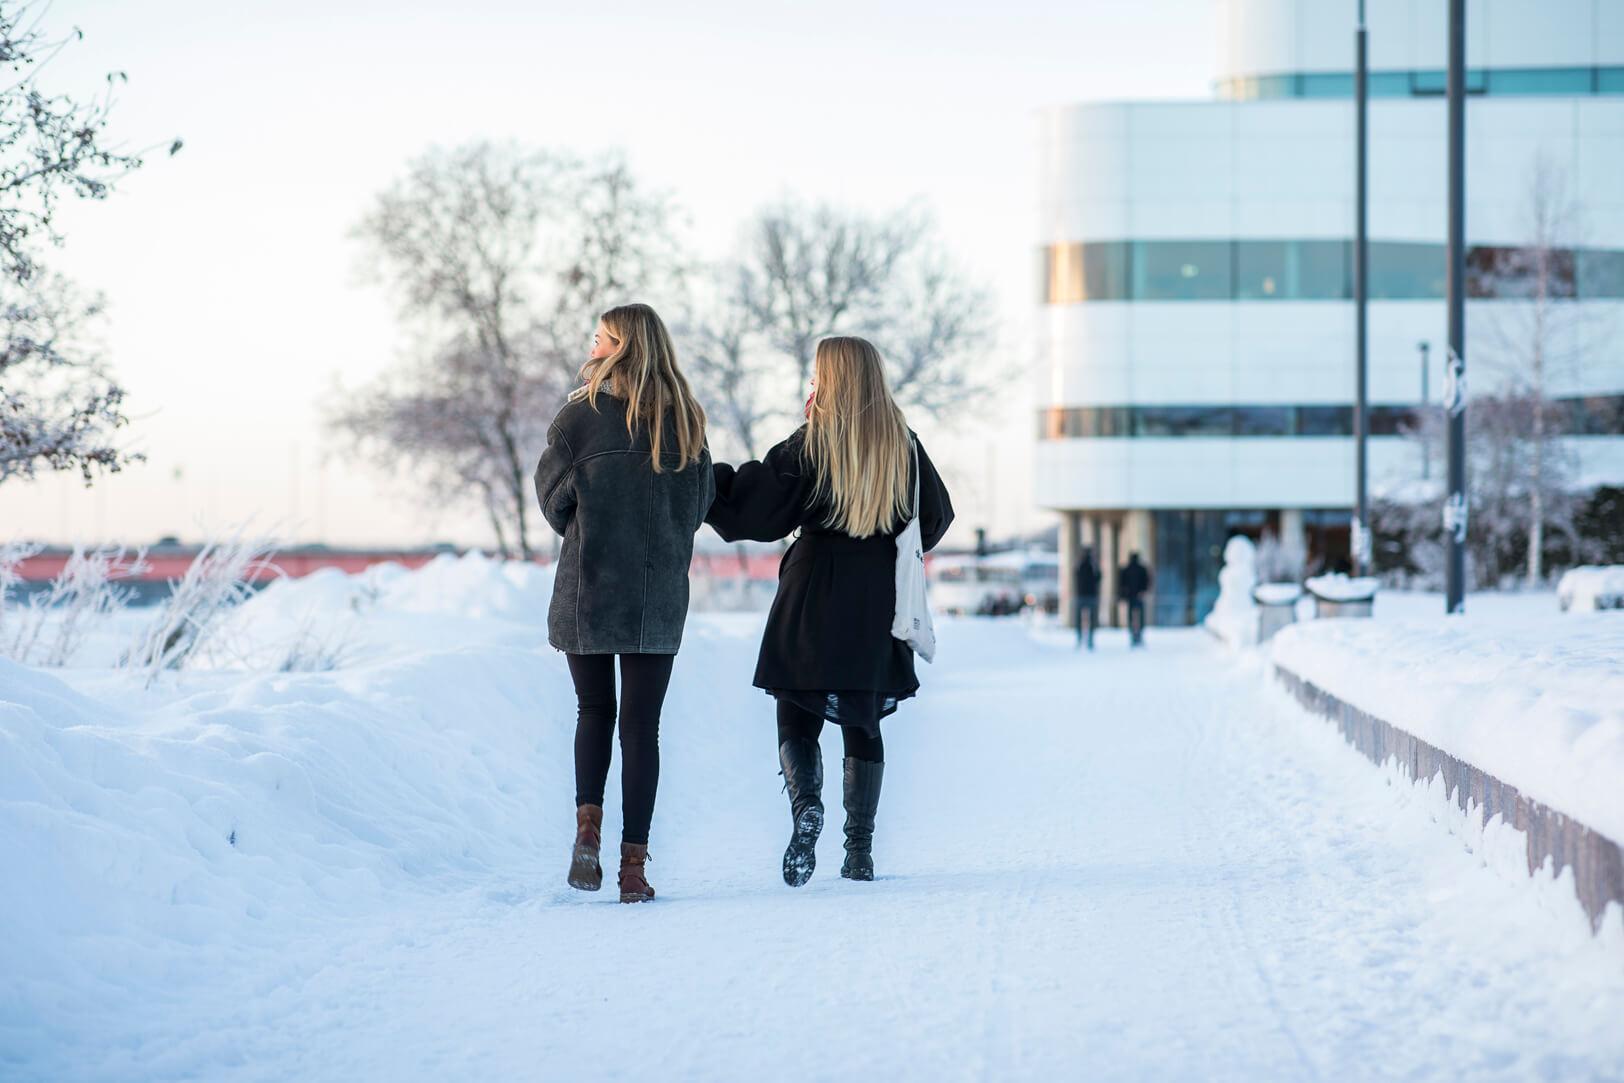 Winter in Umeå